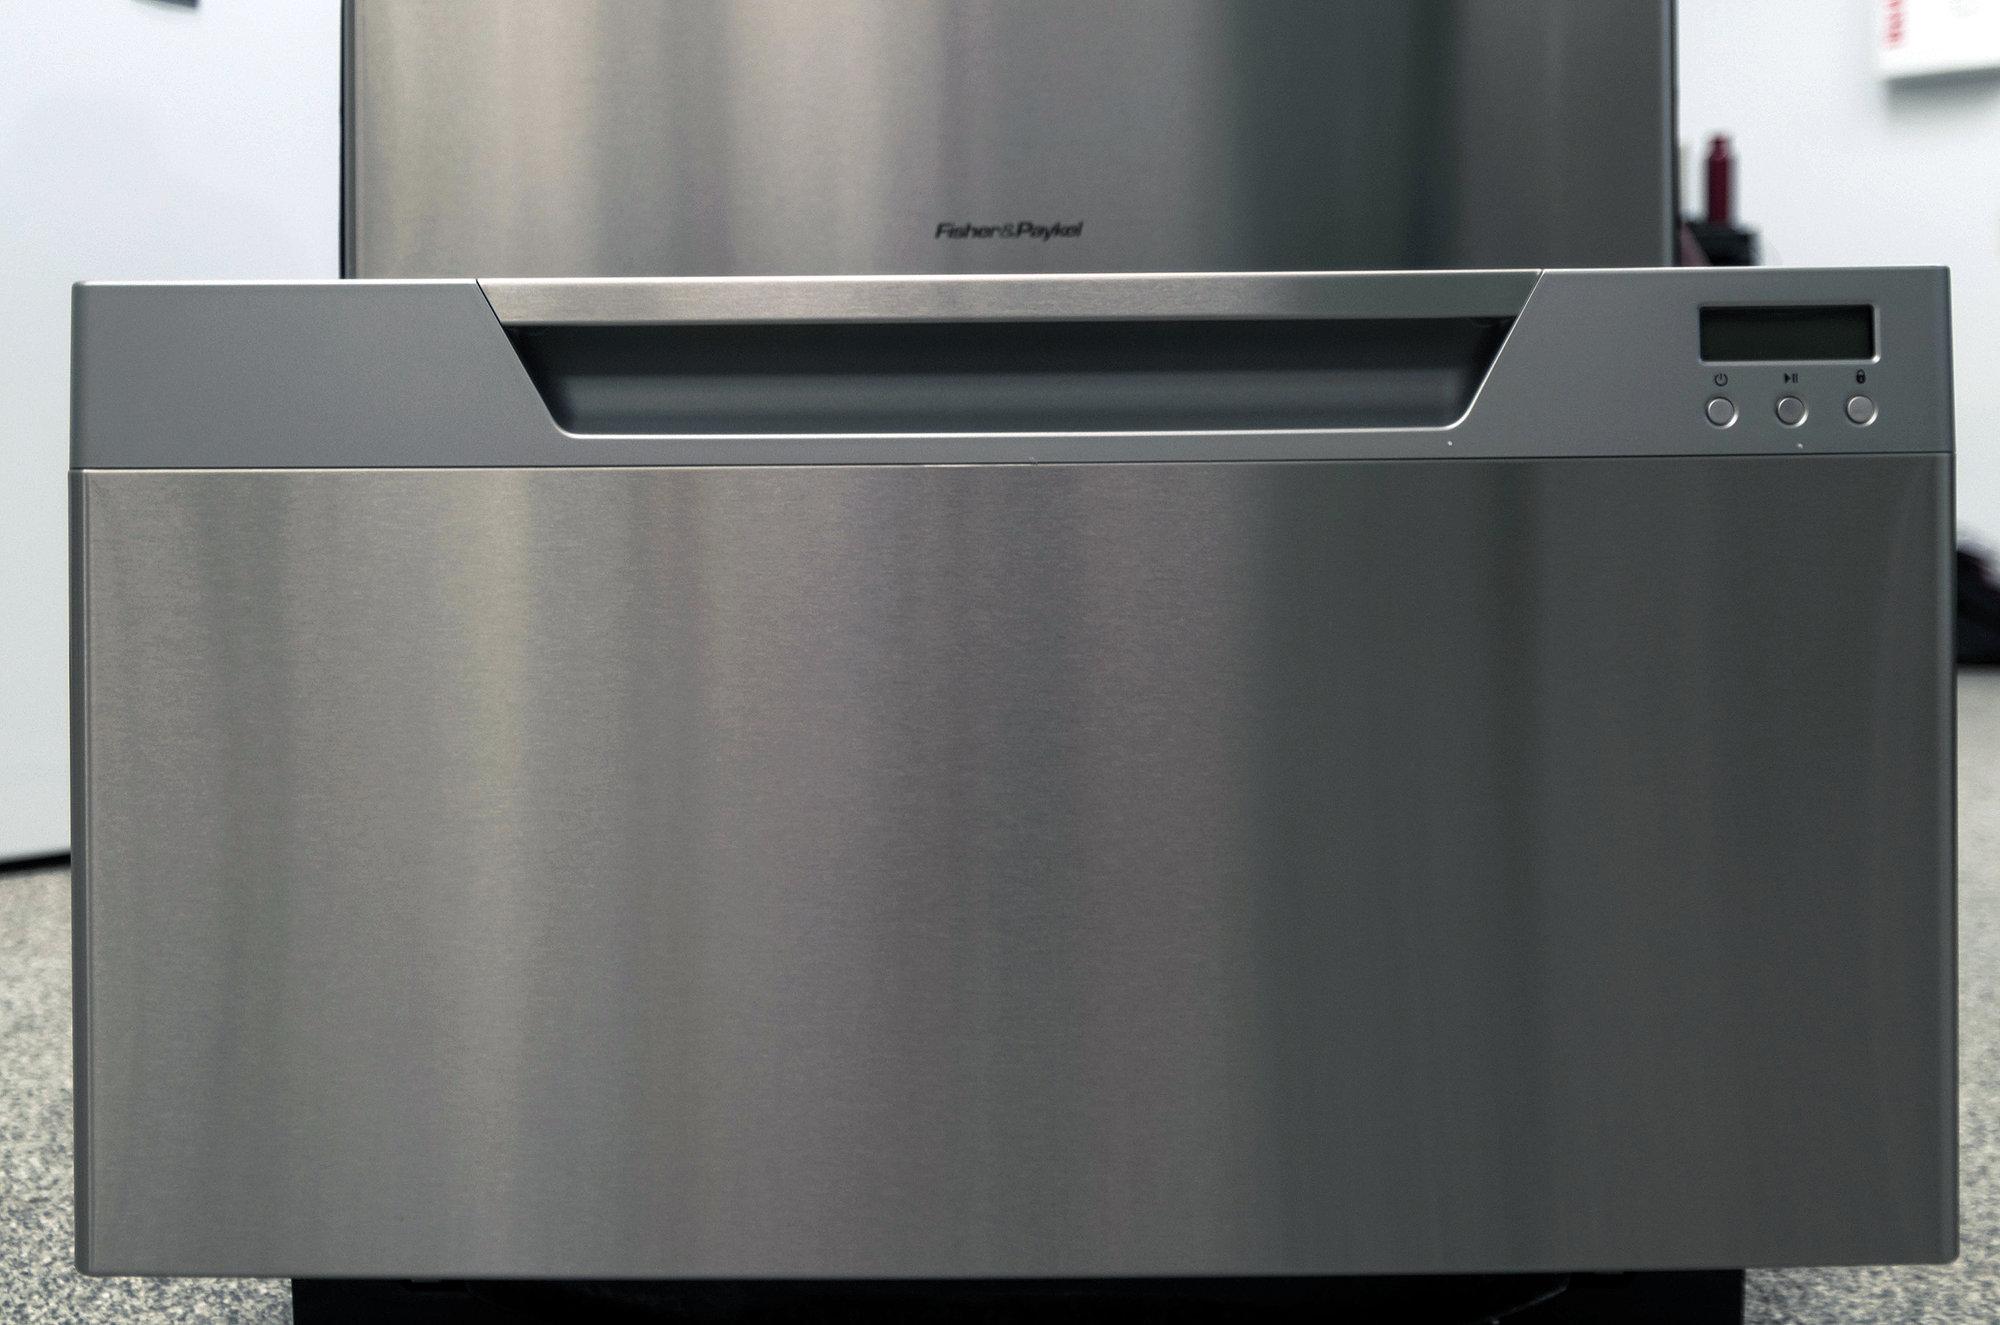 Fisher paykel dd24dchtx7 drawer dishwasher review dishwashers - Fisher paykel dishwasher drawer reviews ...